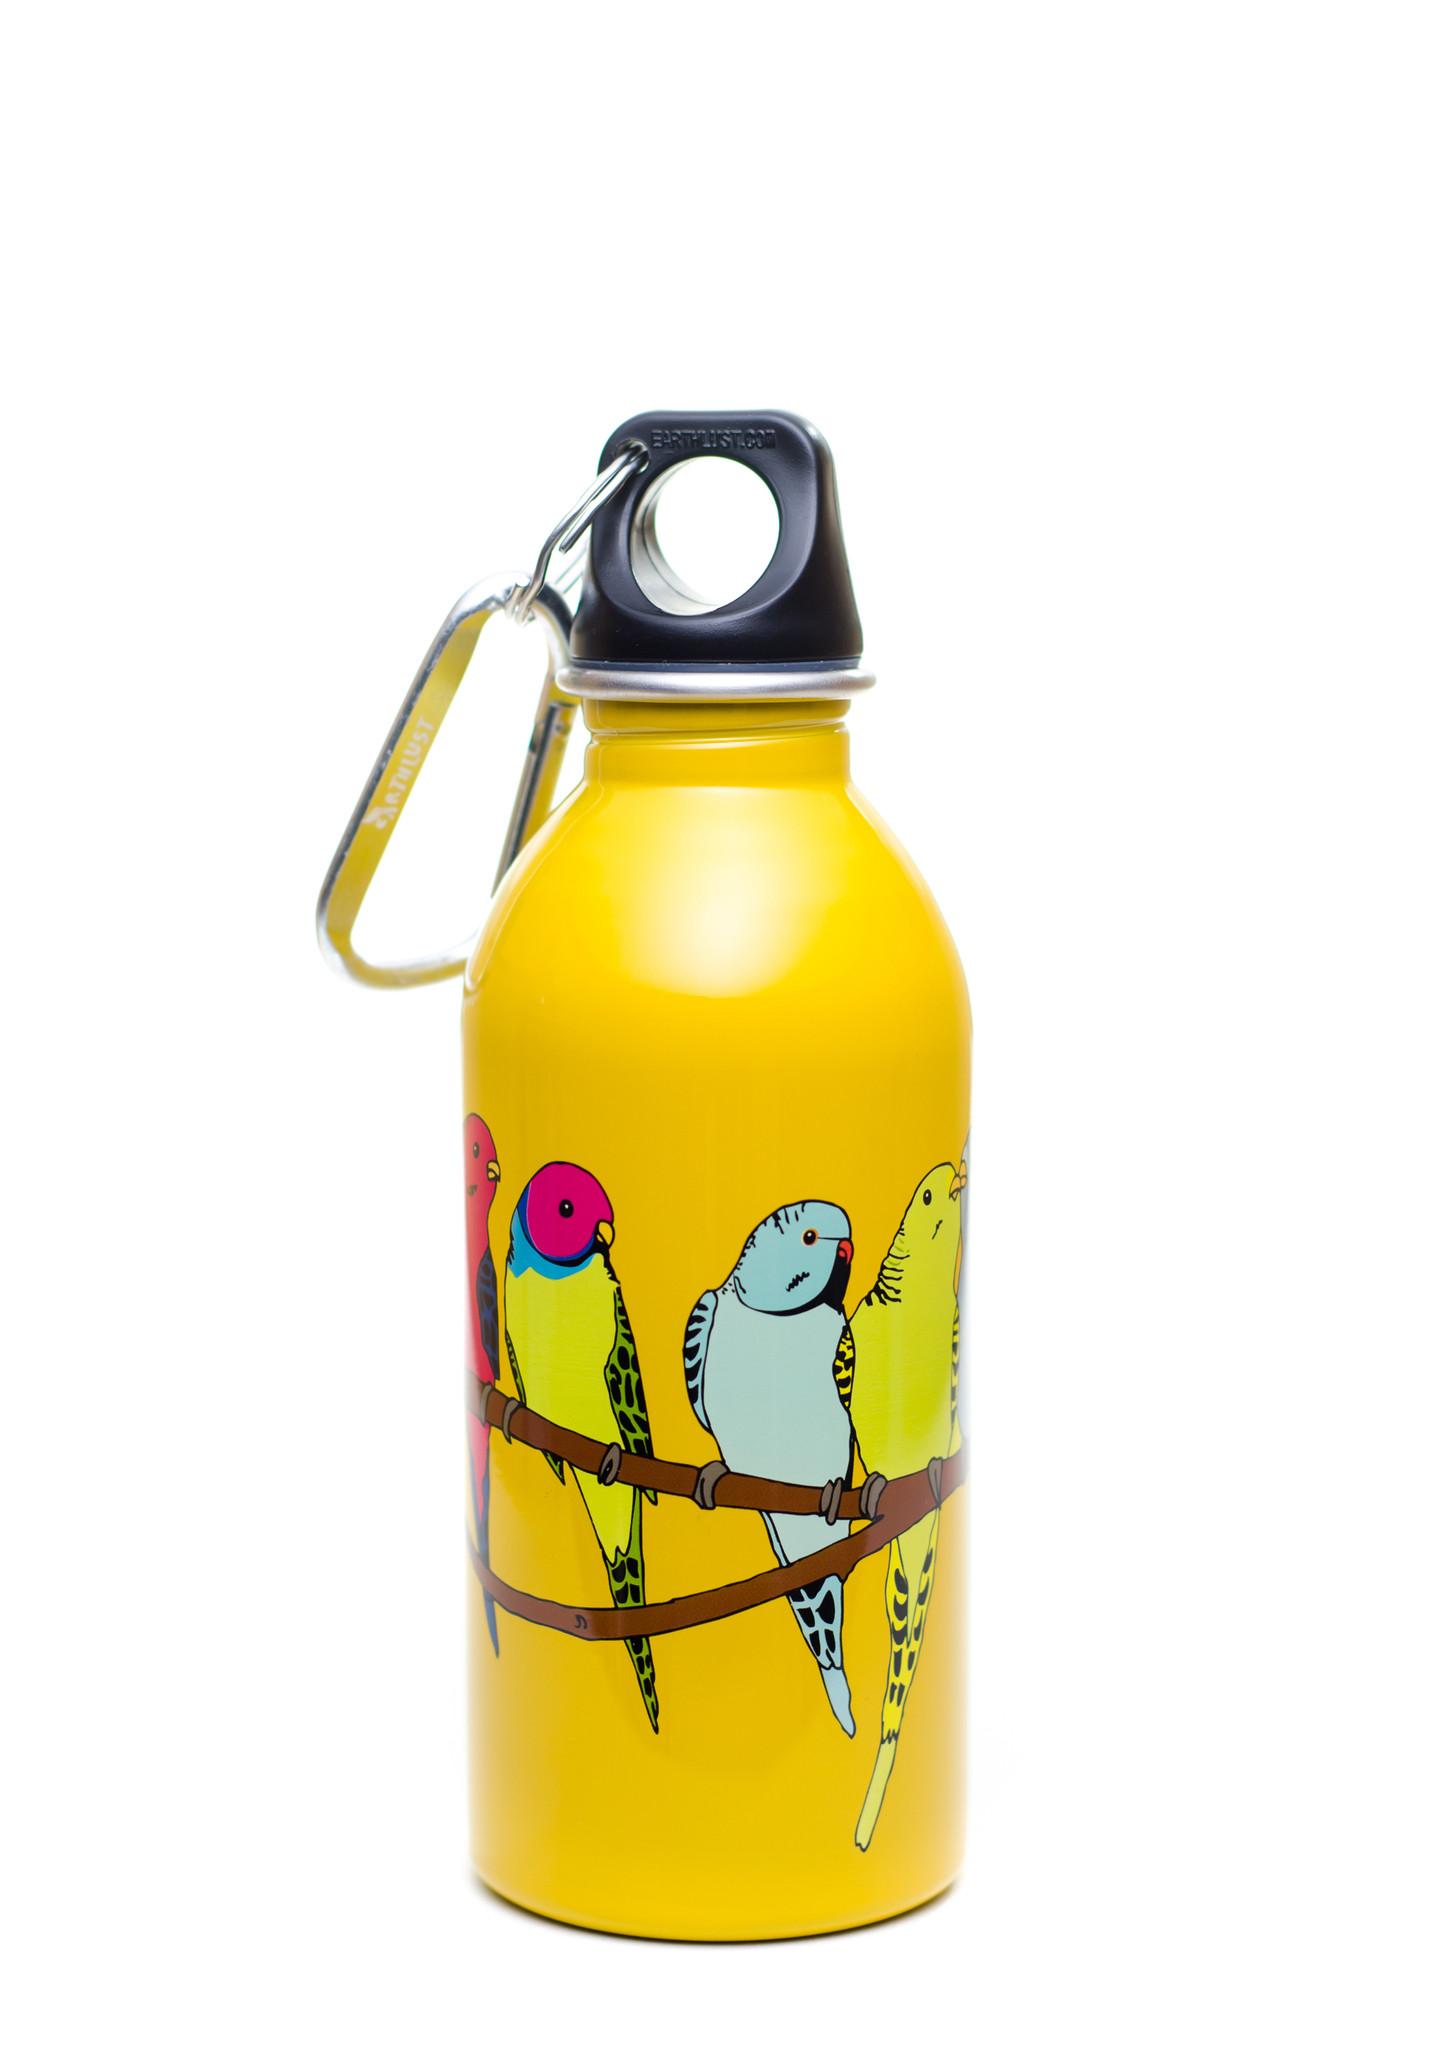 Parakeets design, 13 oz bottle.